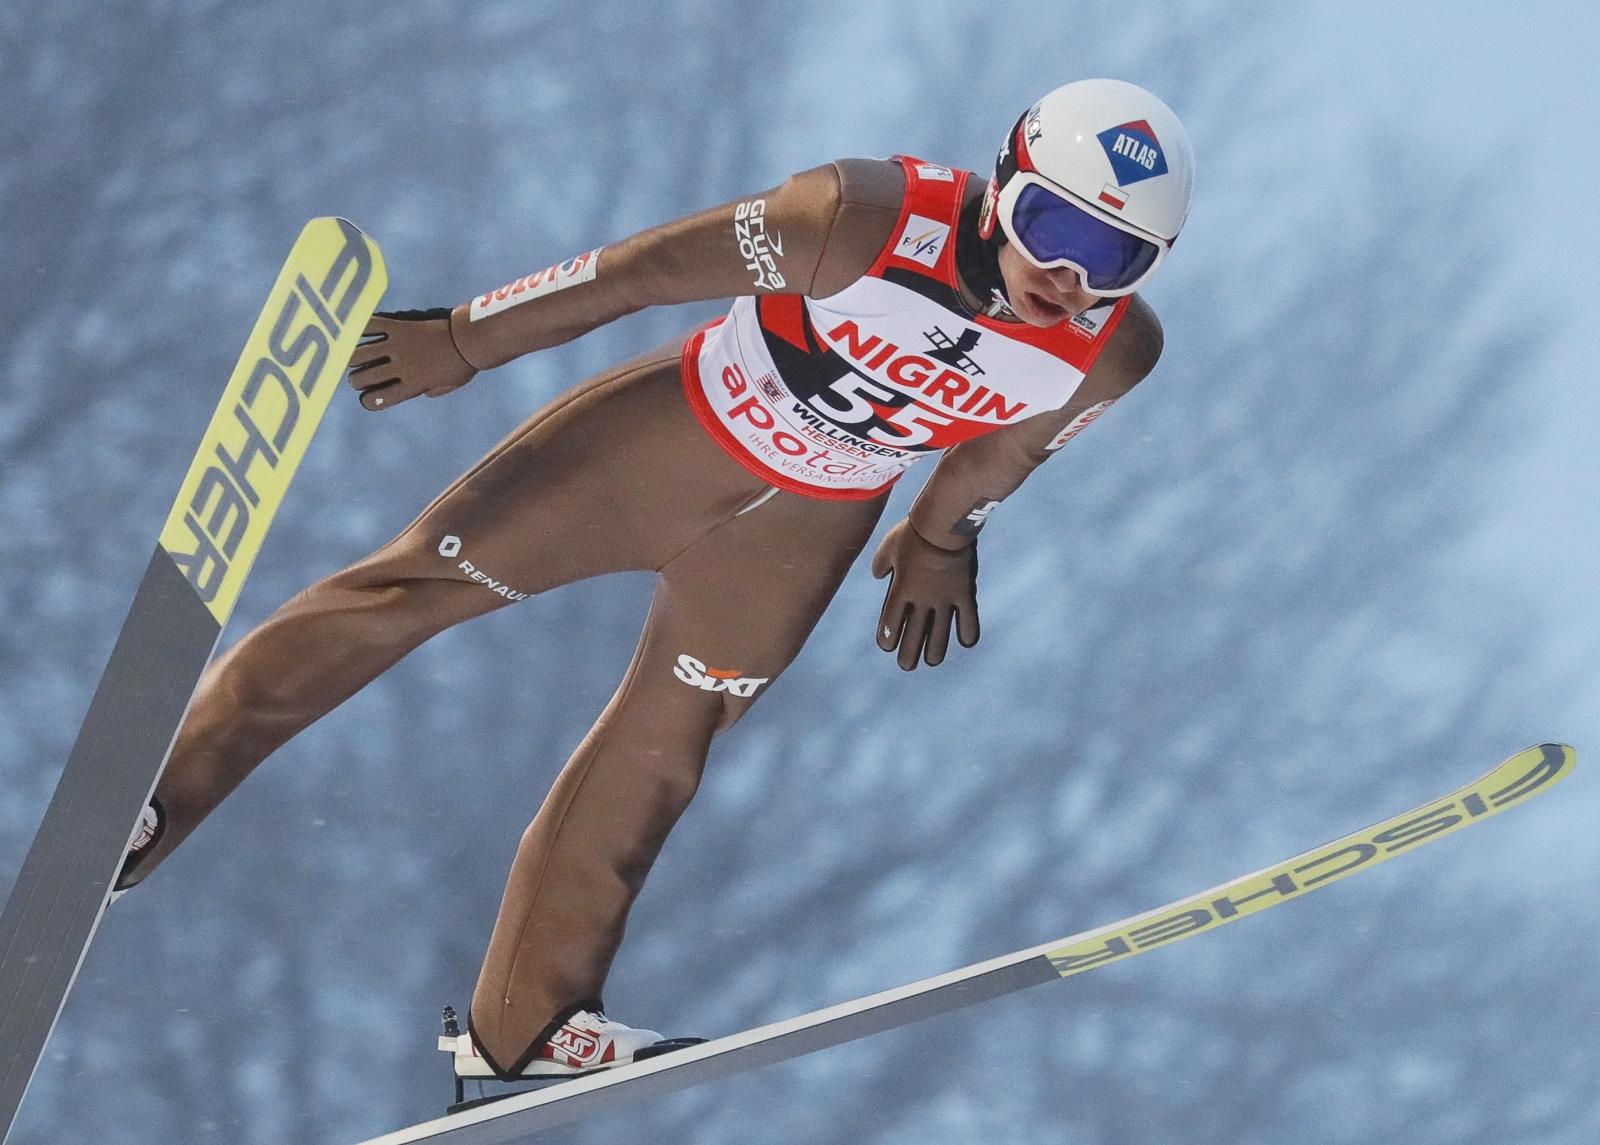 Skoki narciarskie live harrachov webcam